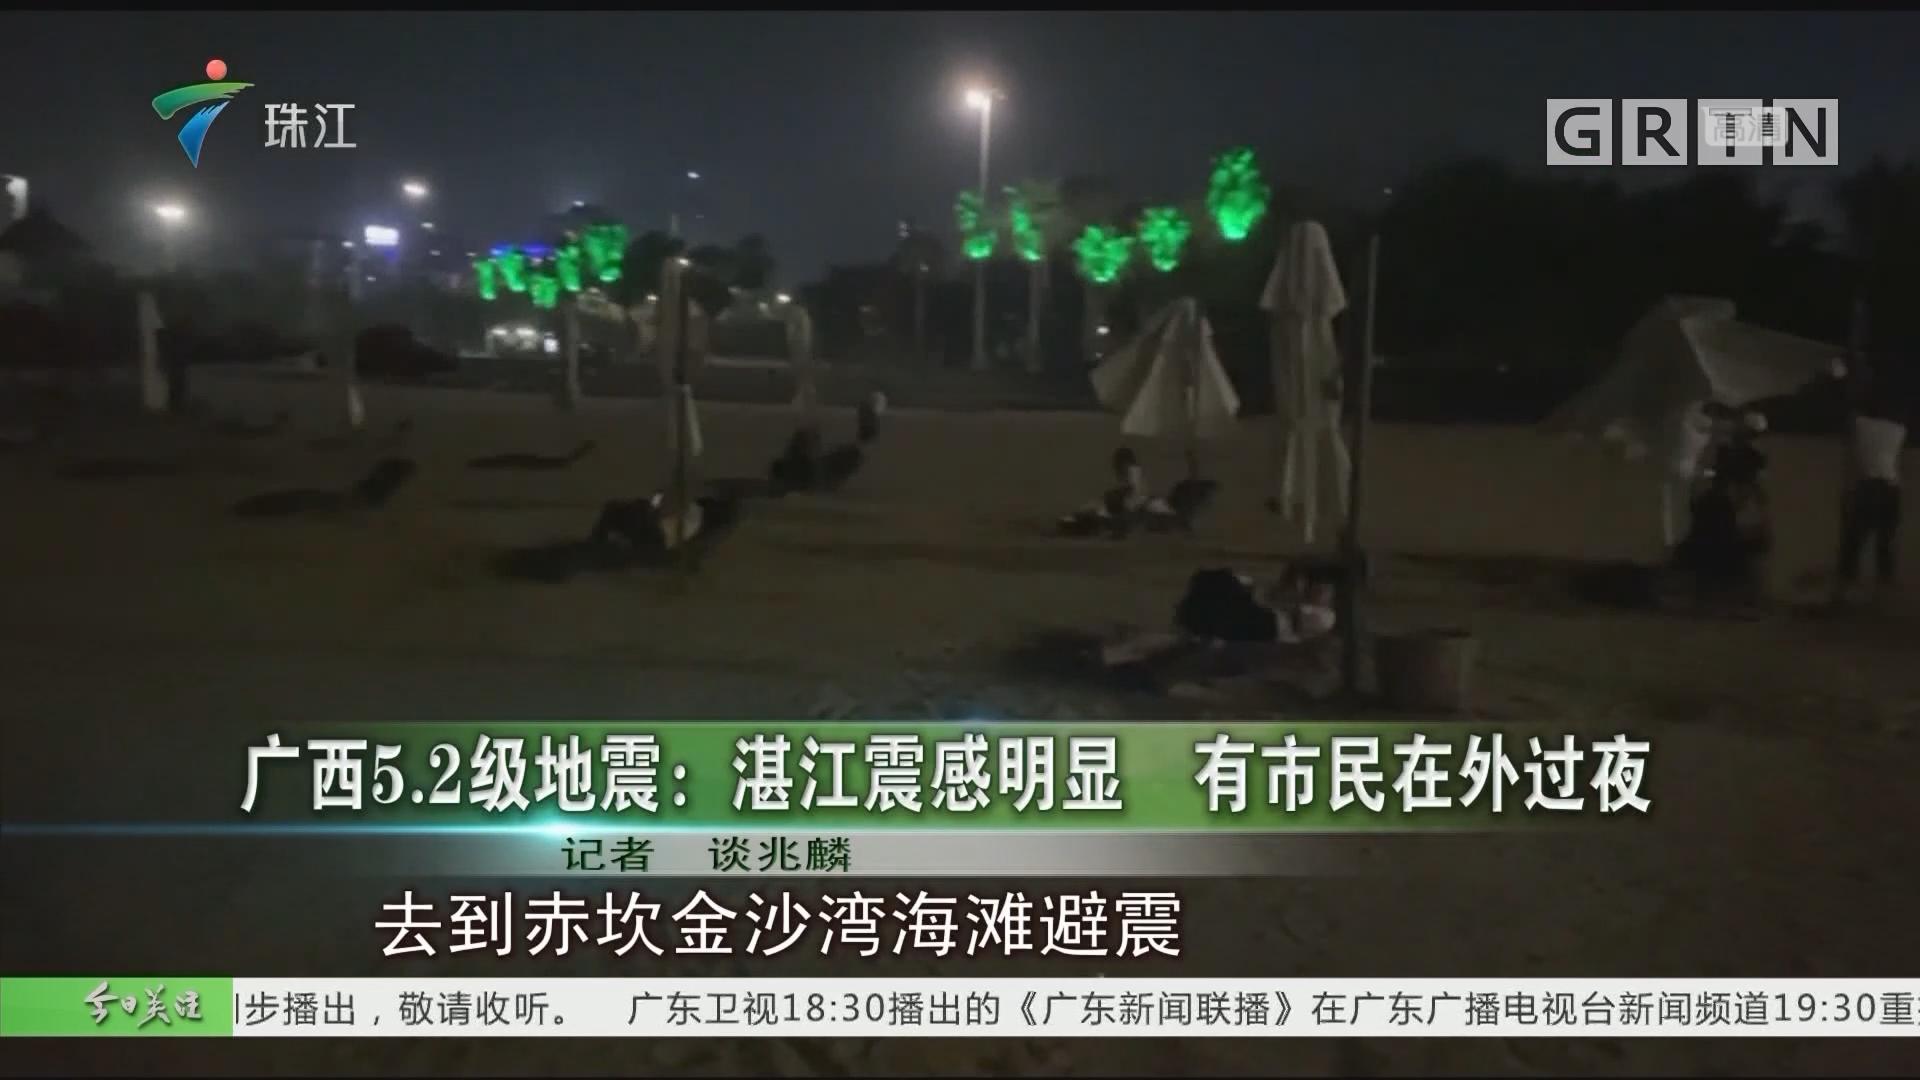 廣西5.2級地震:湛江震感明顯 有市民在外過夜